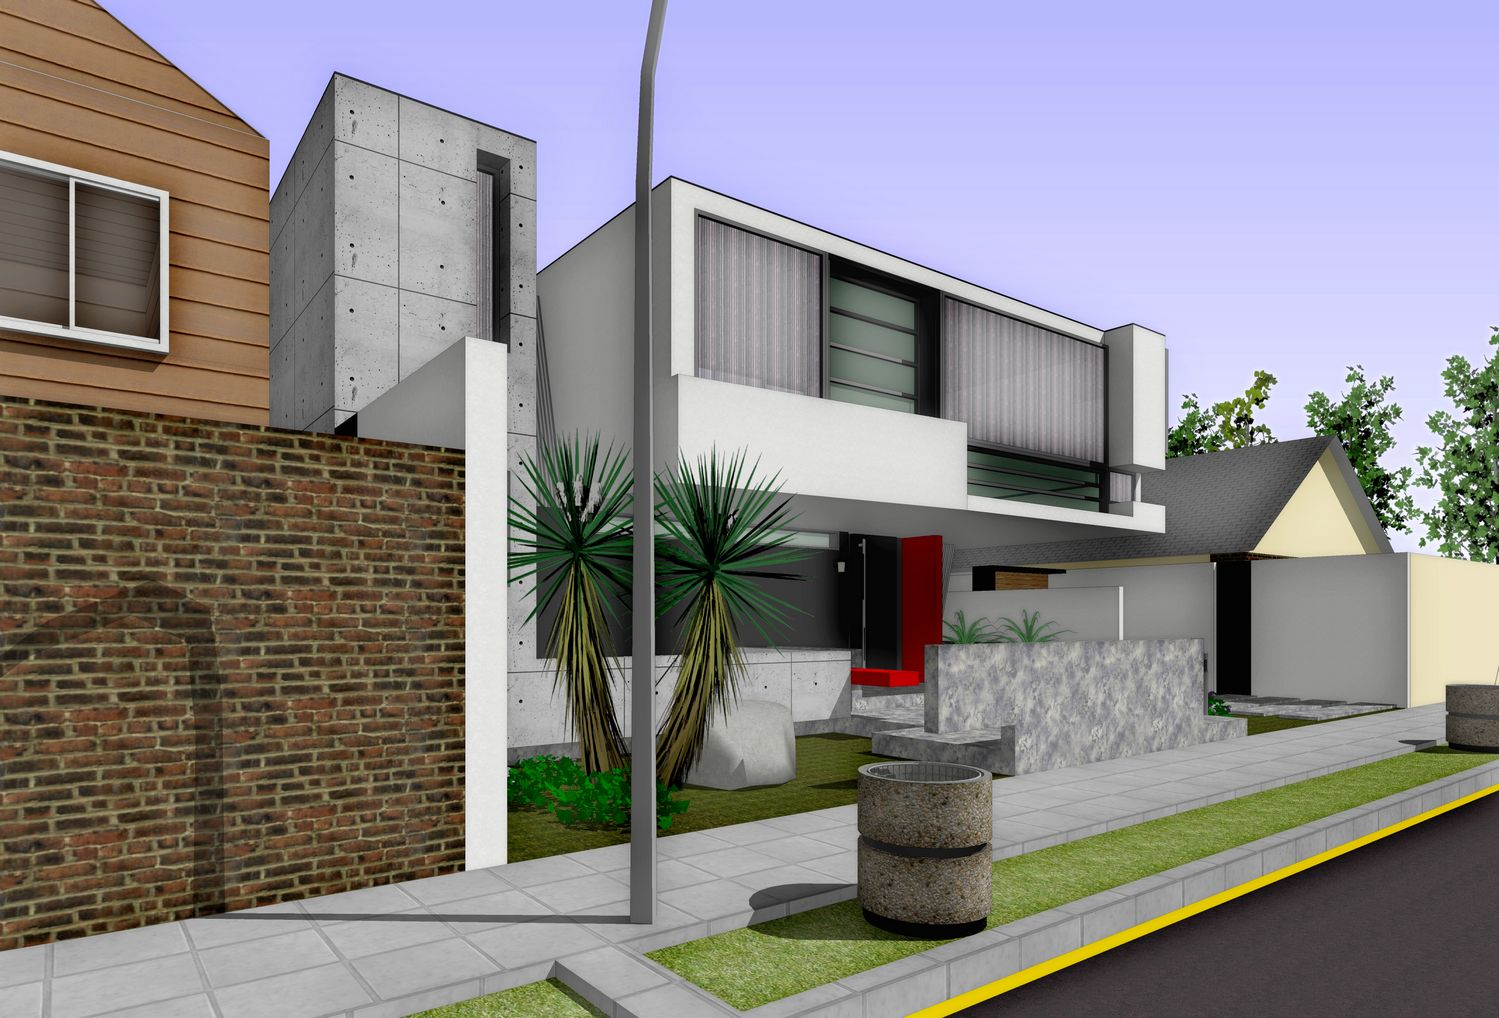 Diego del Castillo - Casa Black - oaudarq-10.jpg